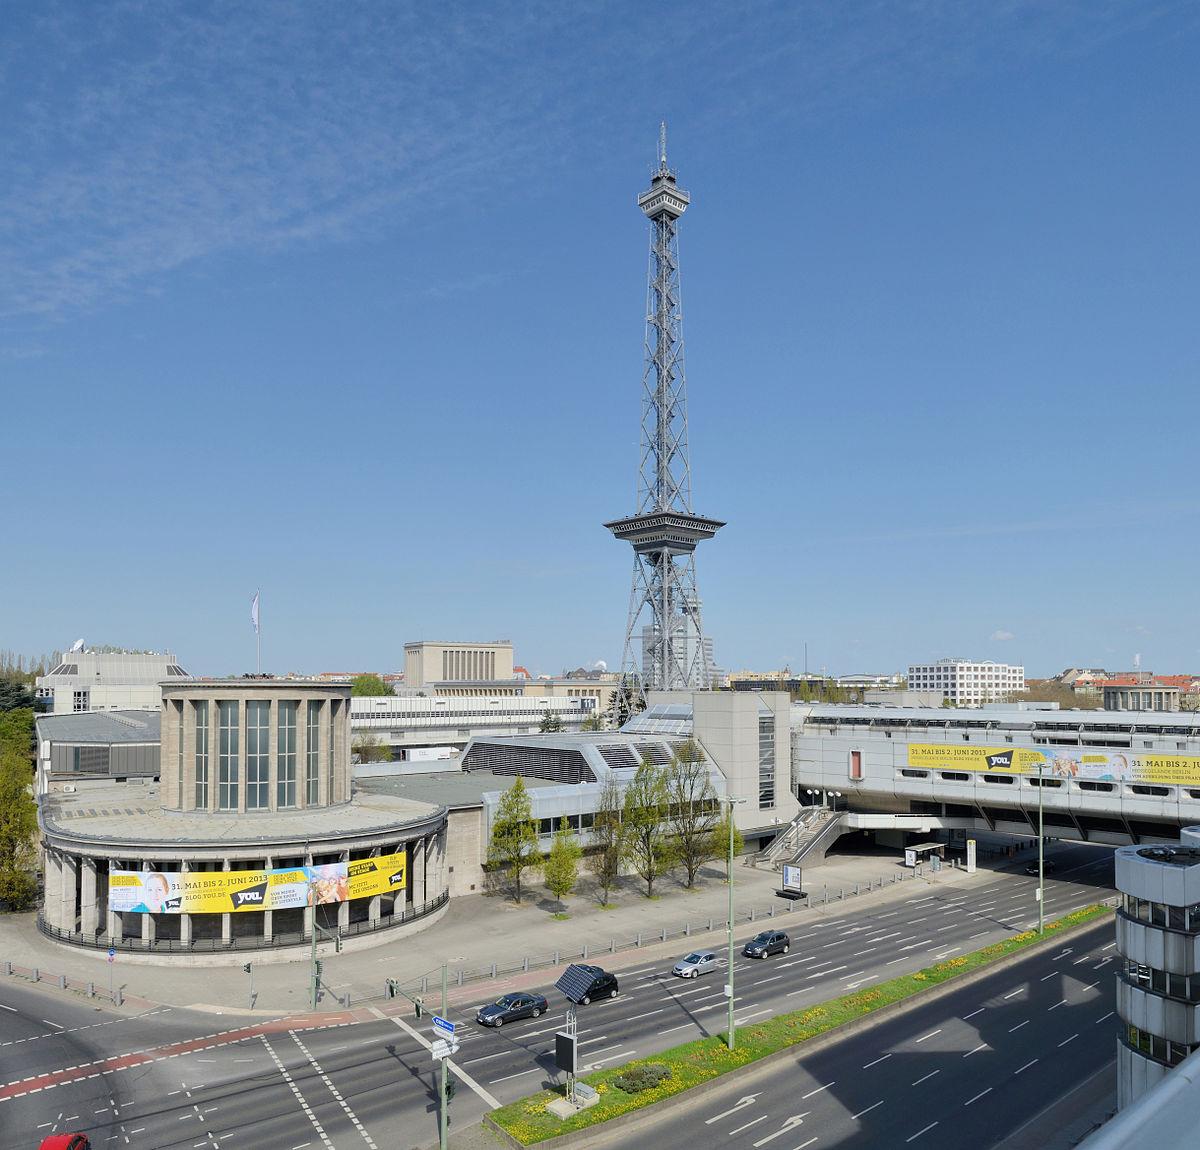 Funkturm berlin wikipedia for Eiffel restaurant berlin